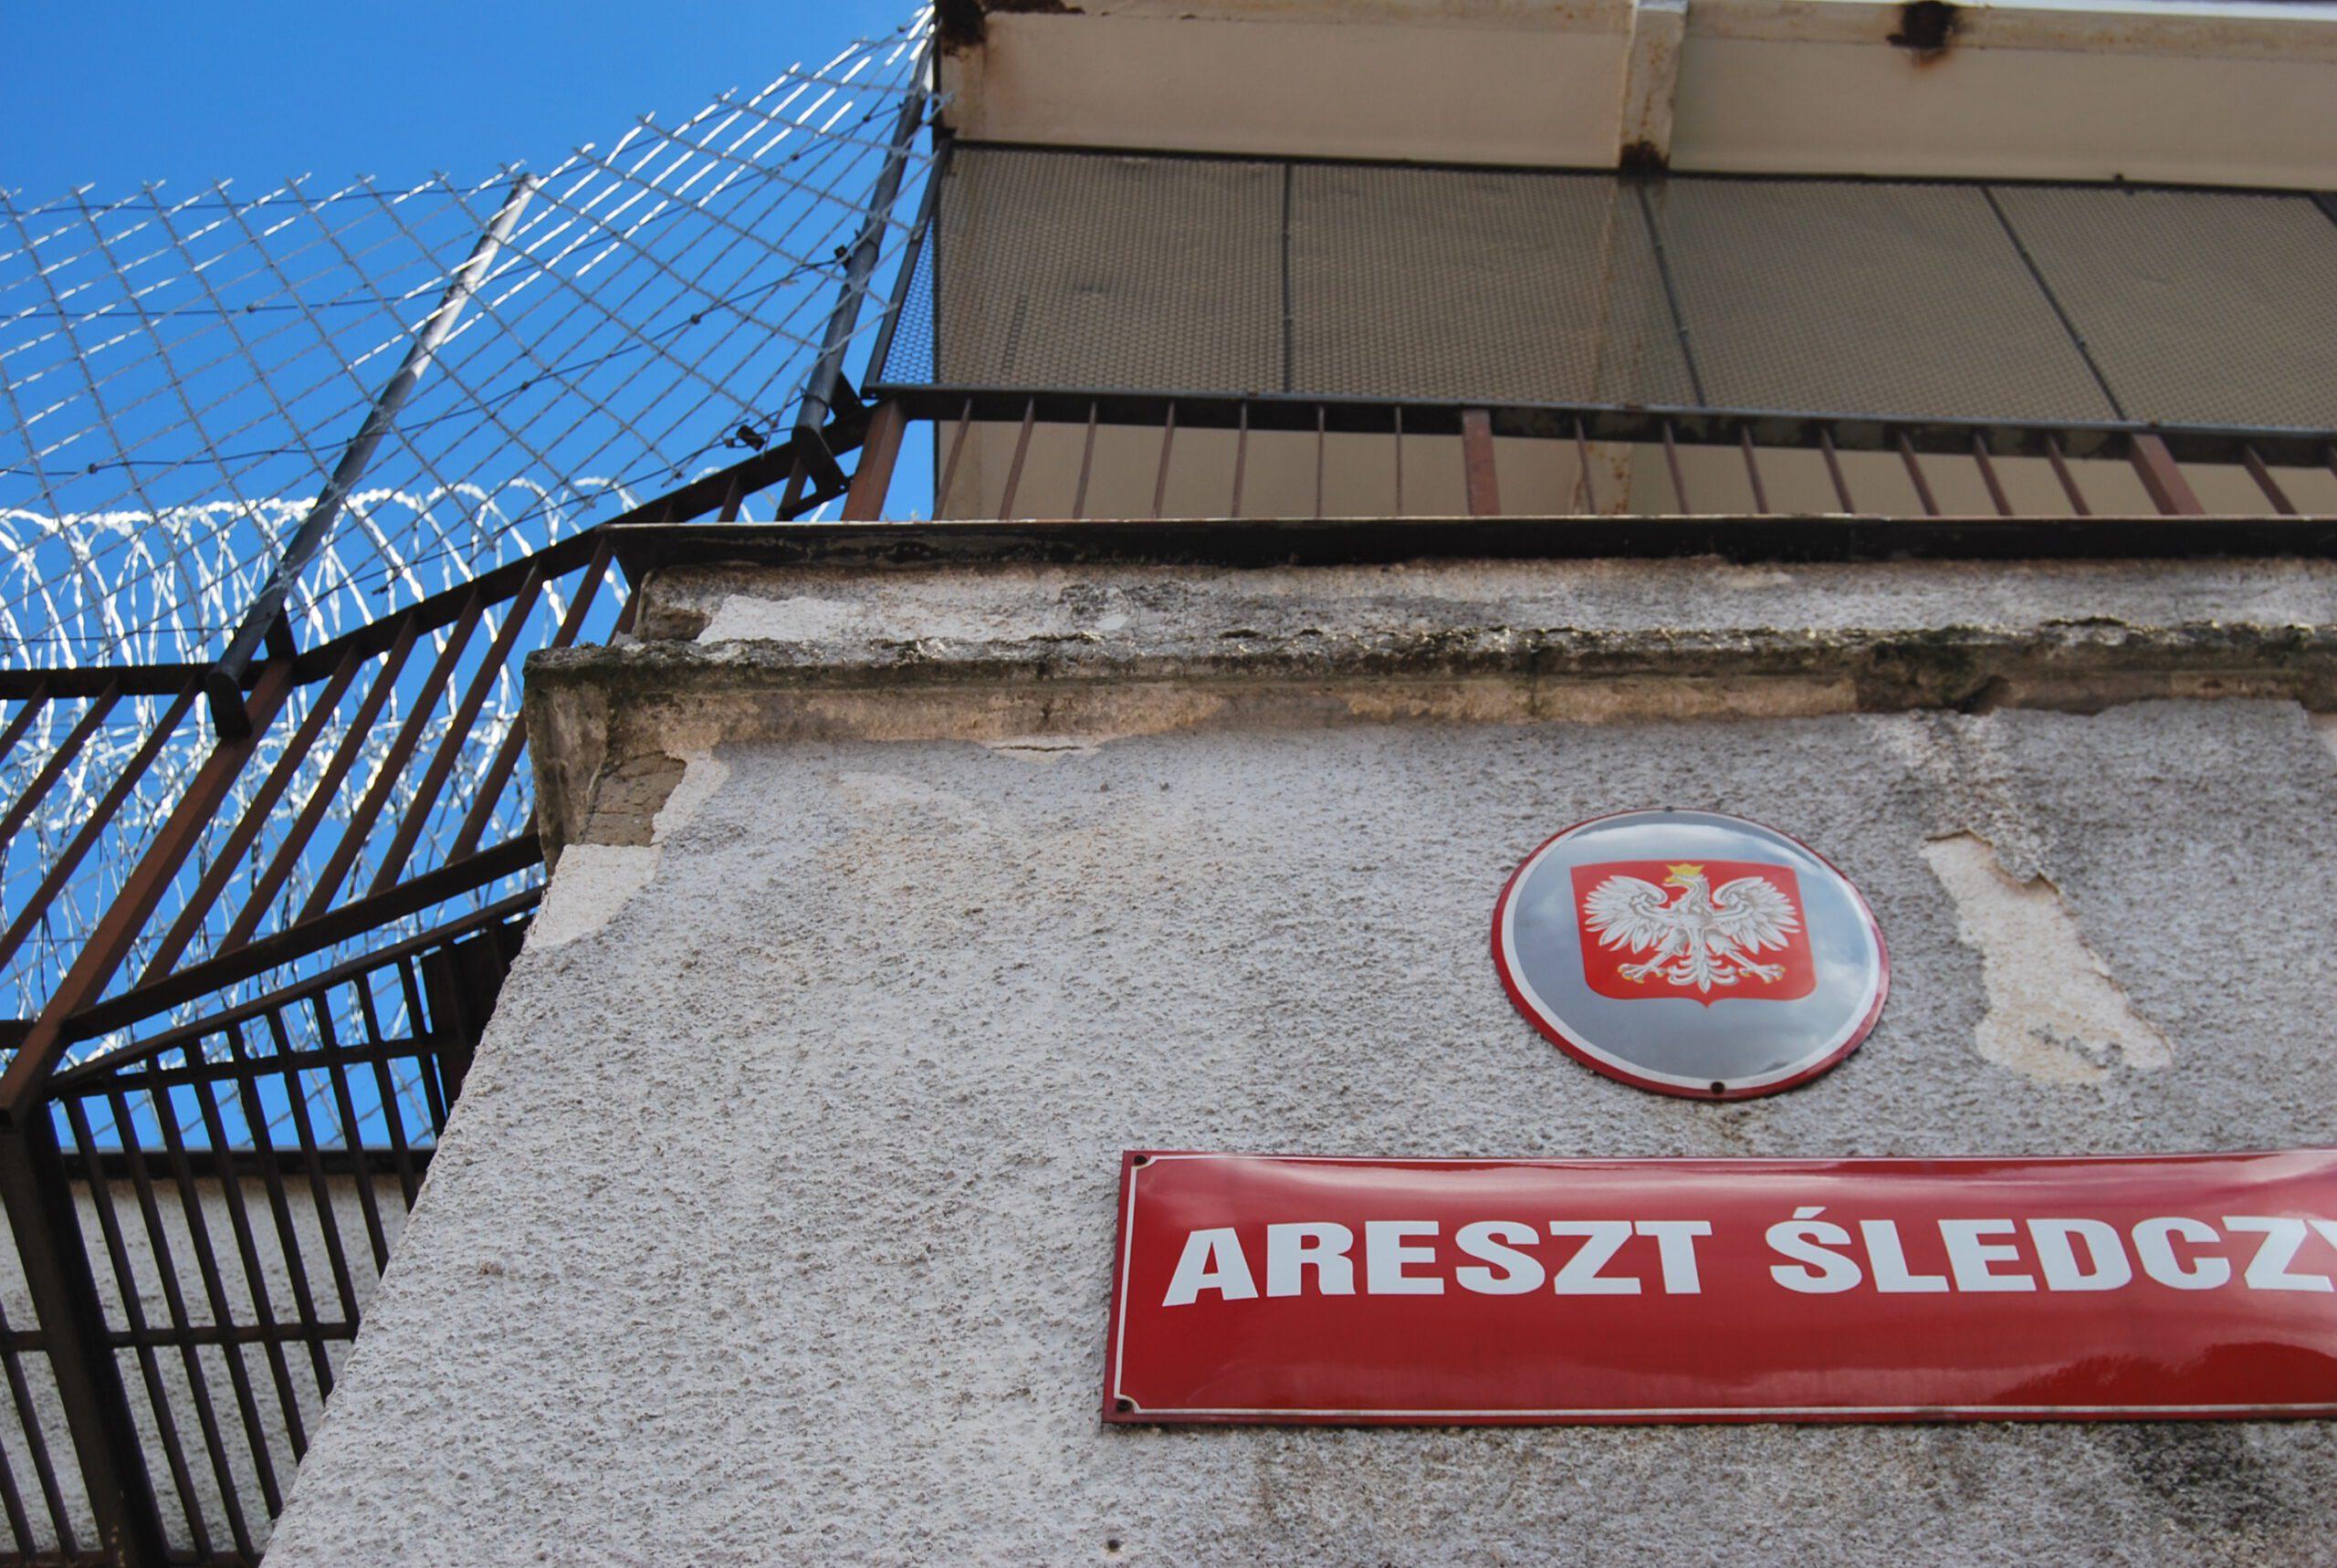 6-dsc_9664-areszt-sledczy-w-gdansku